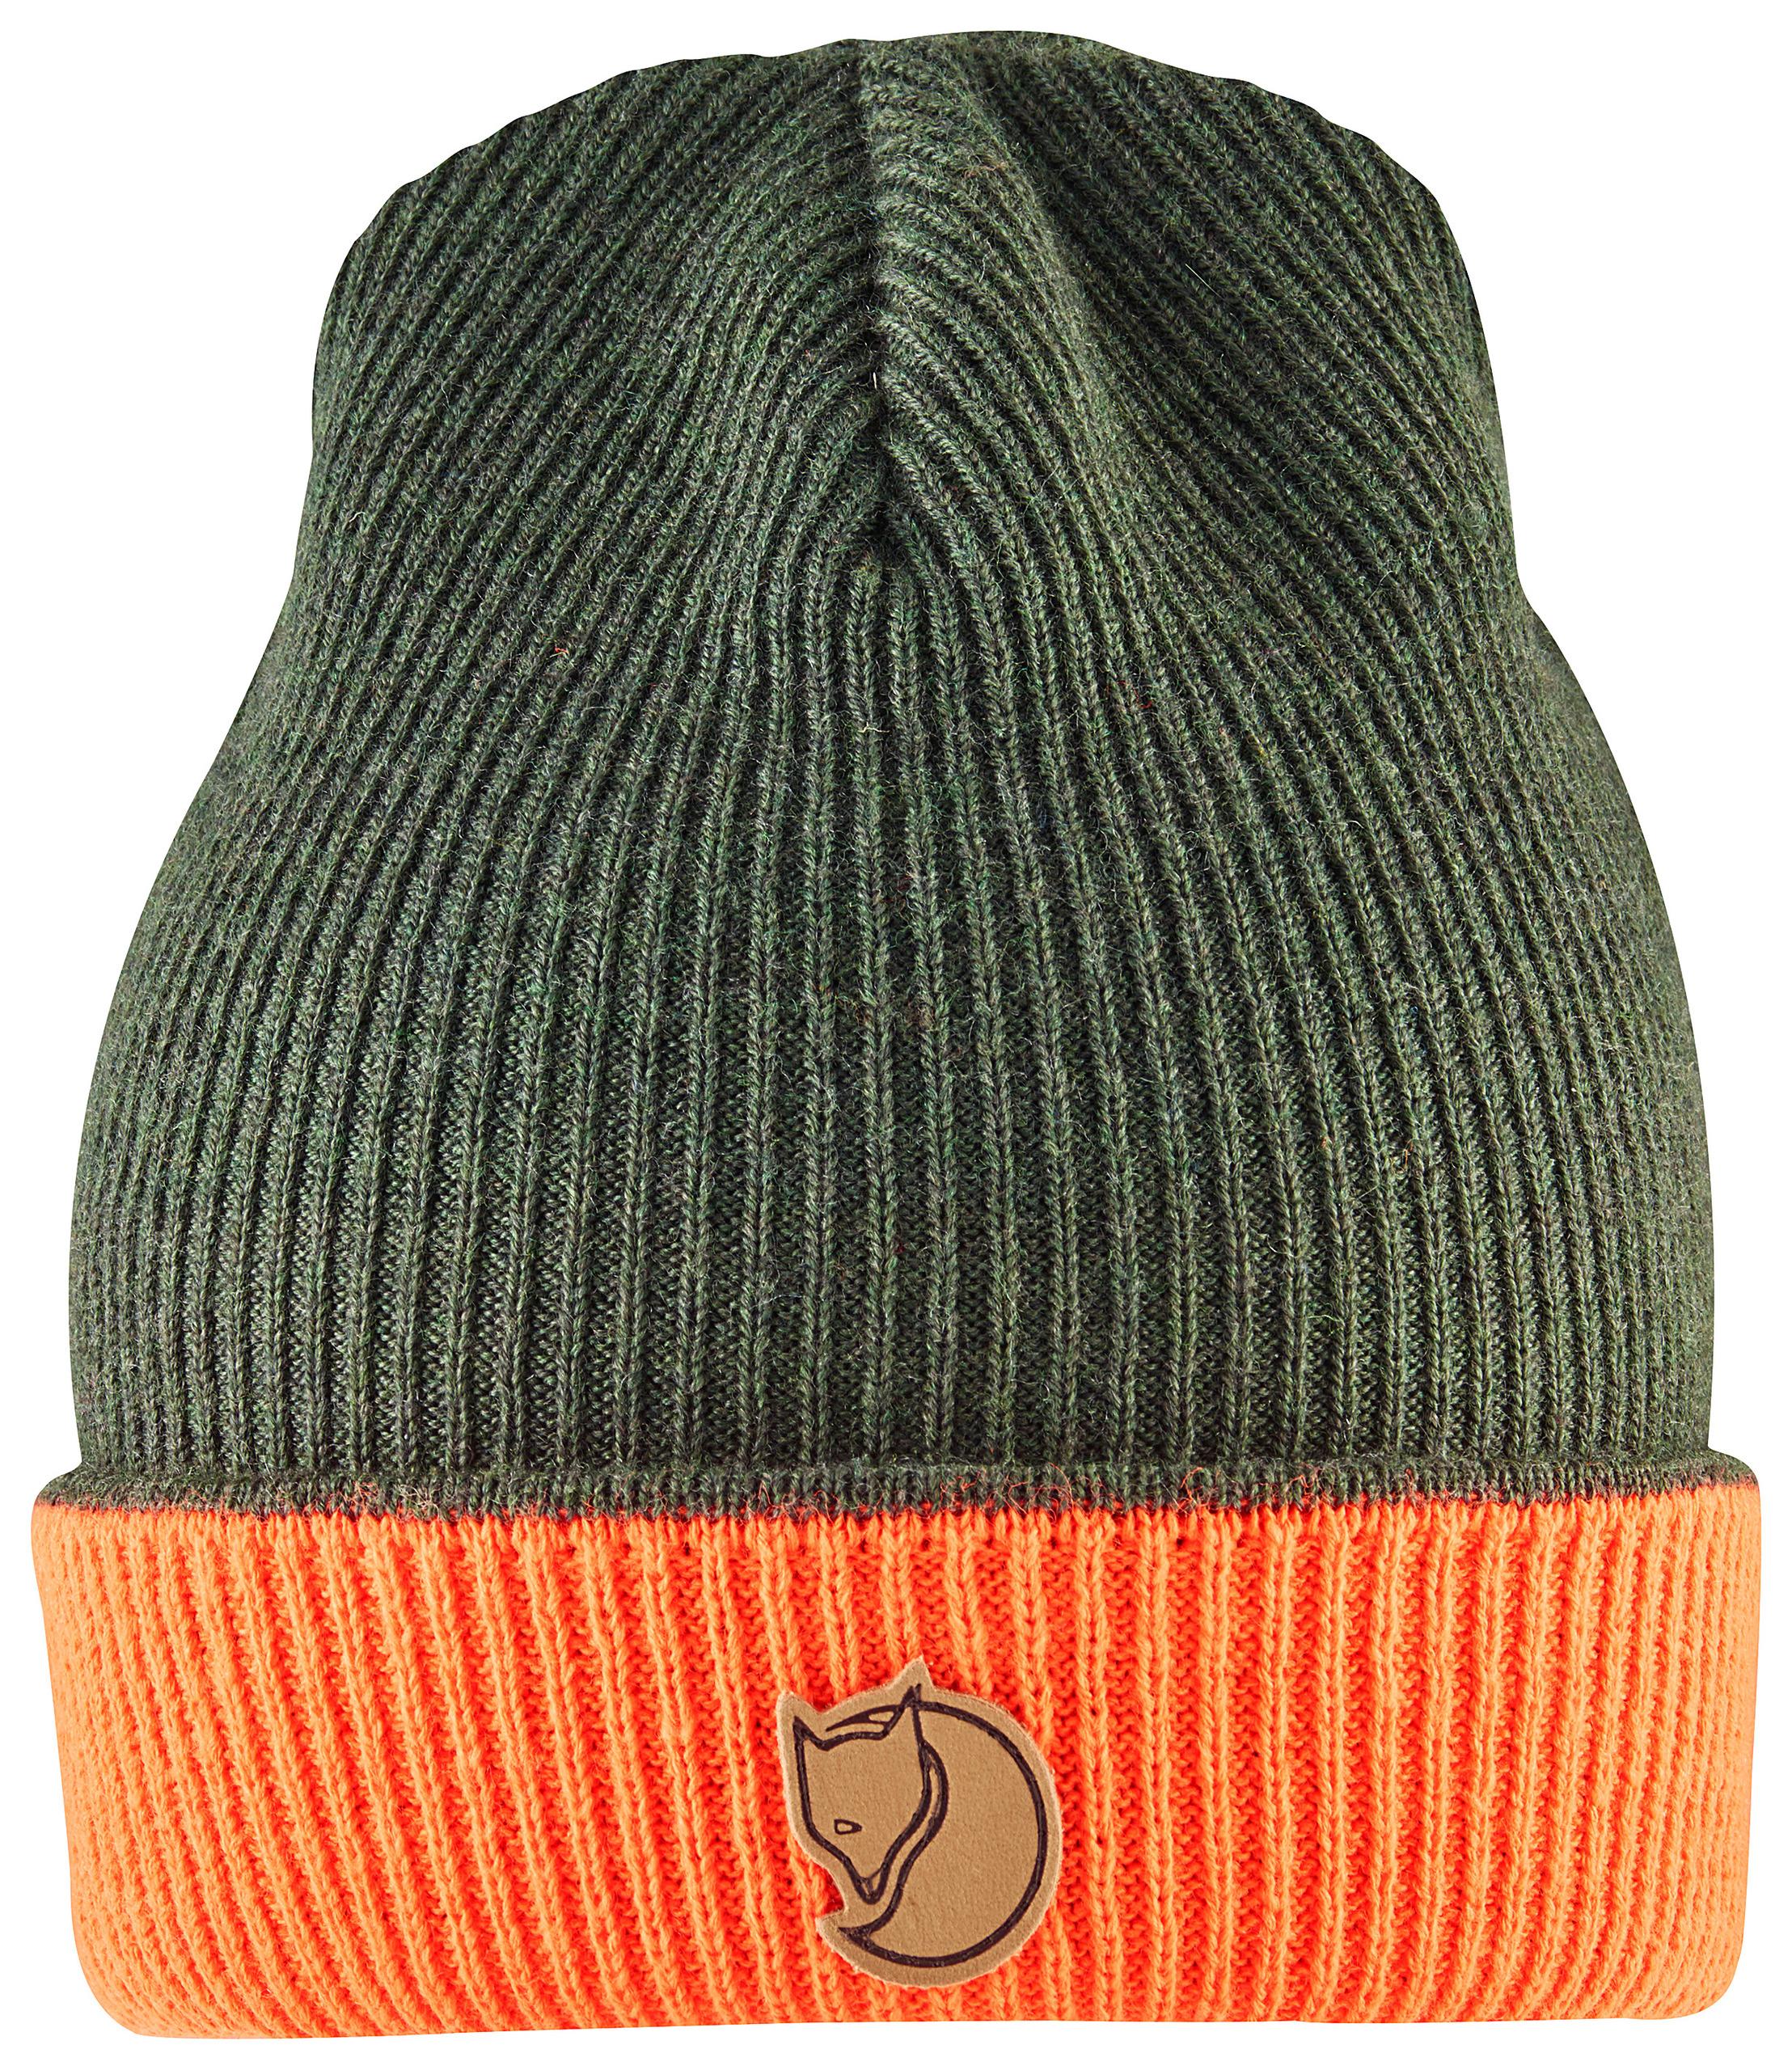 Deerhunter Cumberland Knitted reversible Beanie green orange wooly hat